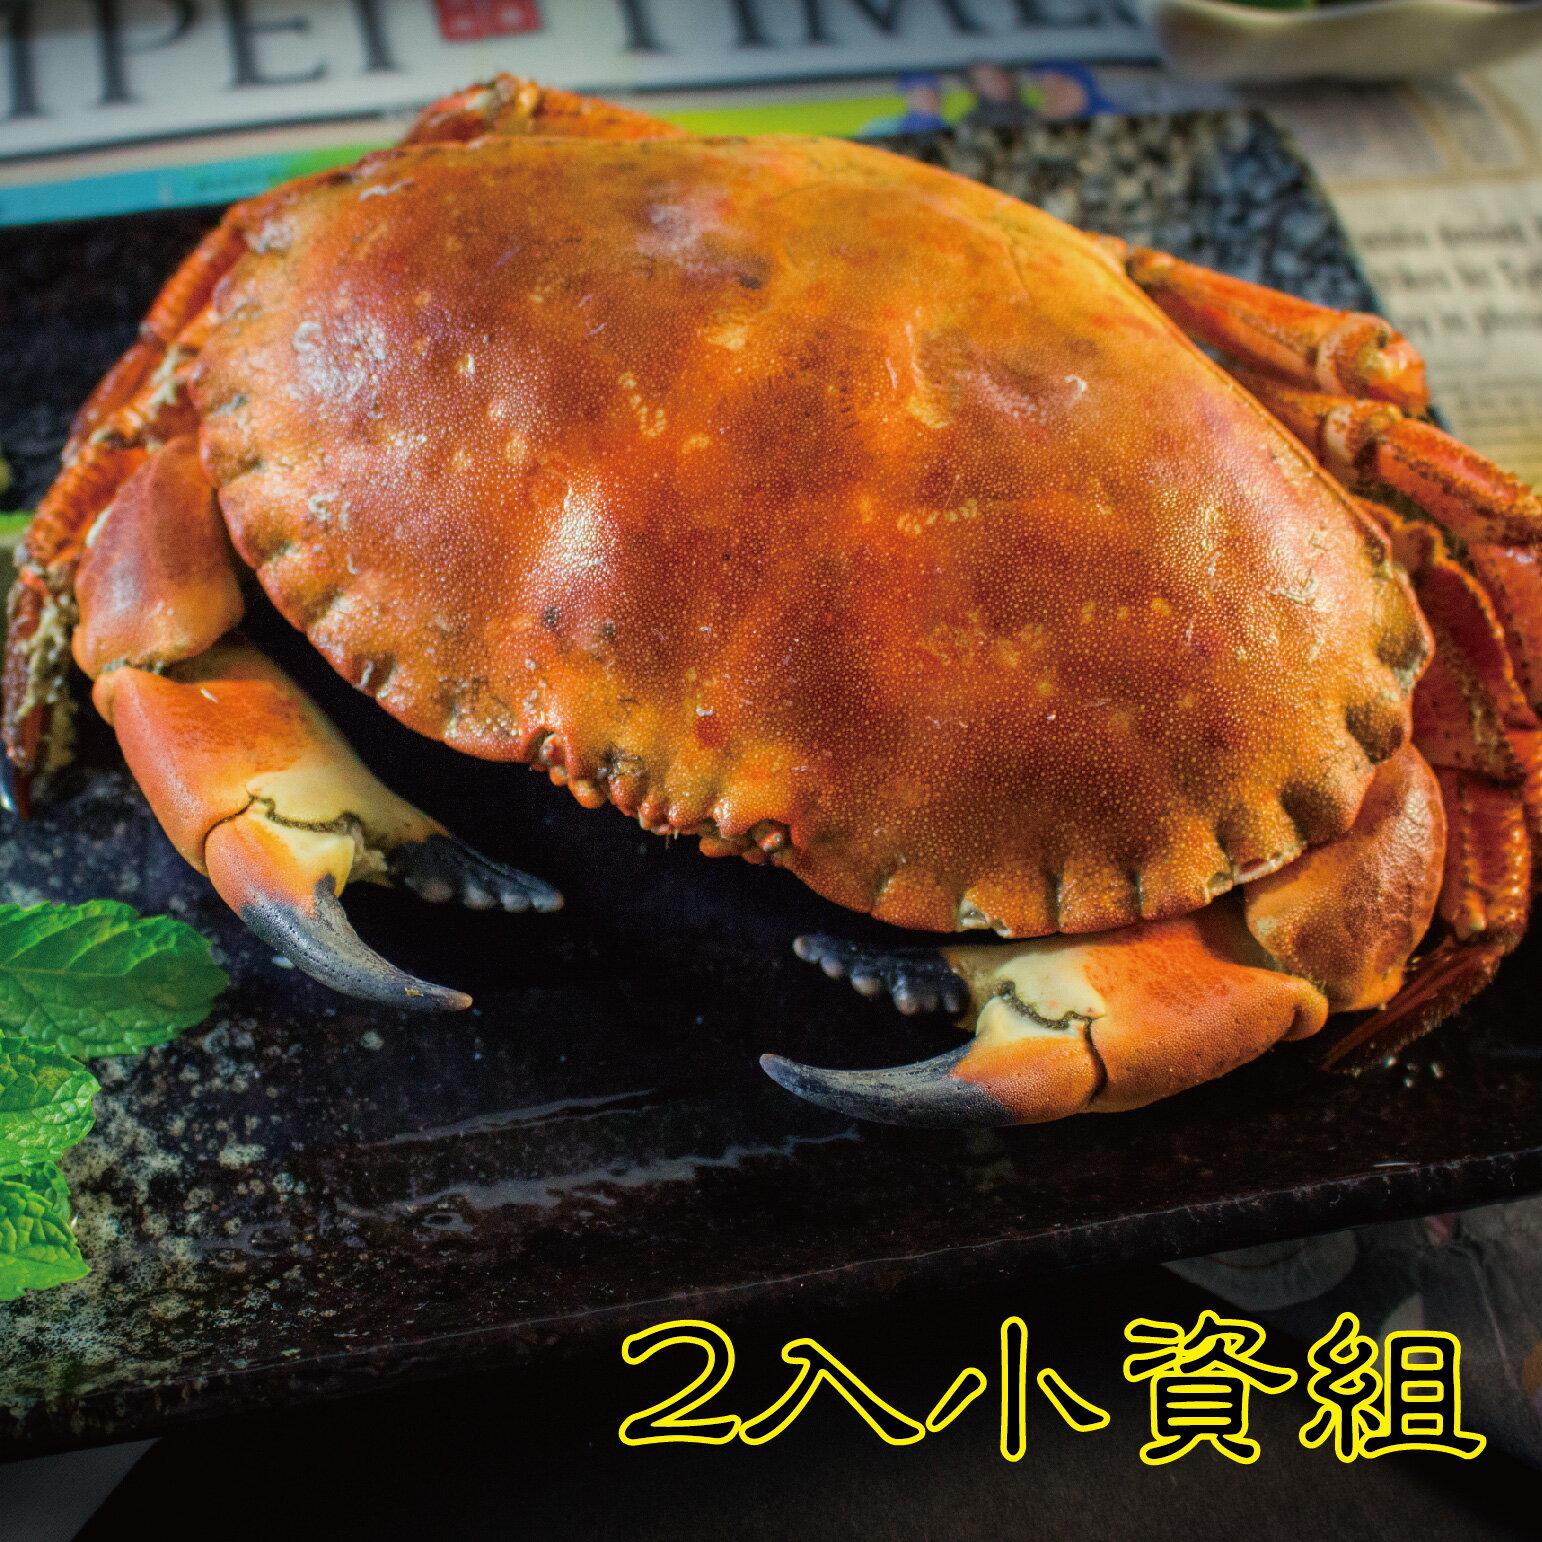 振興生鮮小舖 l 愛爾蘭極鮮超大霸王蟹-2入小資組(750g±10%/隻)